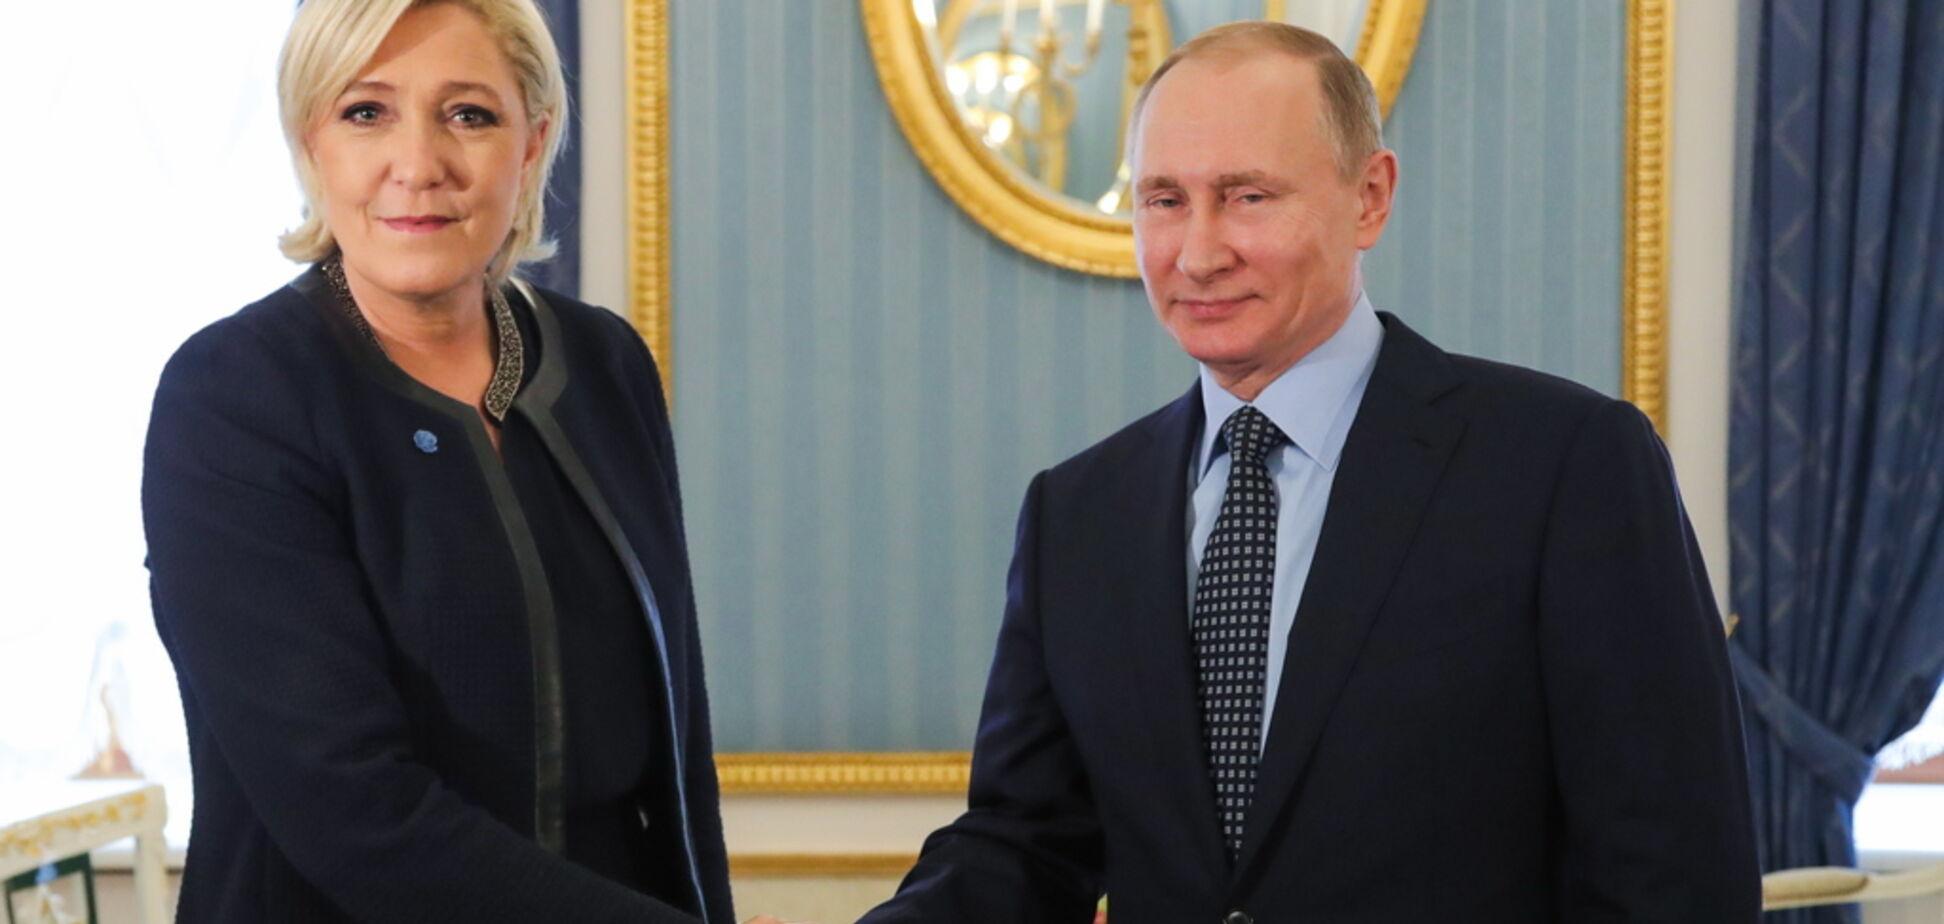 Подругу Путина Ле Пен финансировали связанные с Украиной россияне